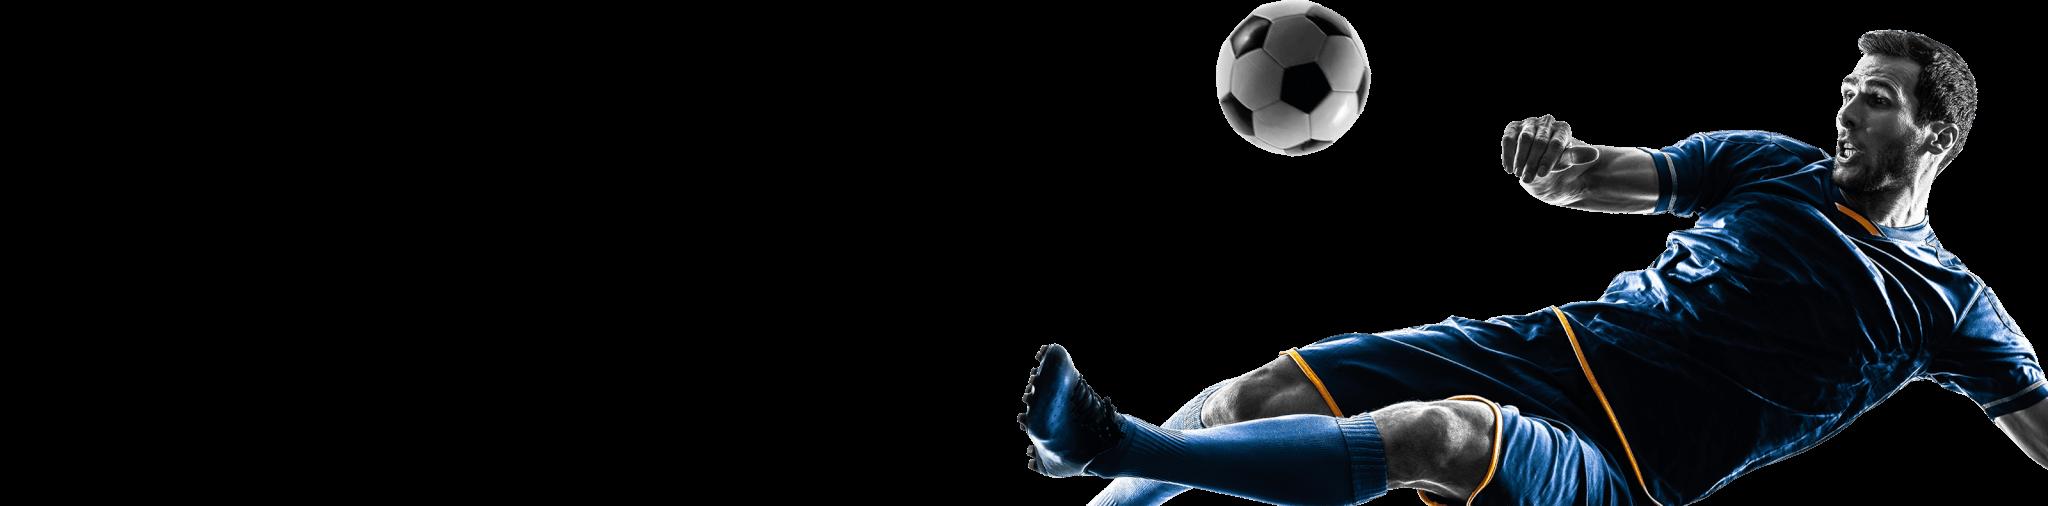 http://zincfootball.com/wp-content/uploads/2017/12/inner_player.png